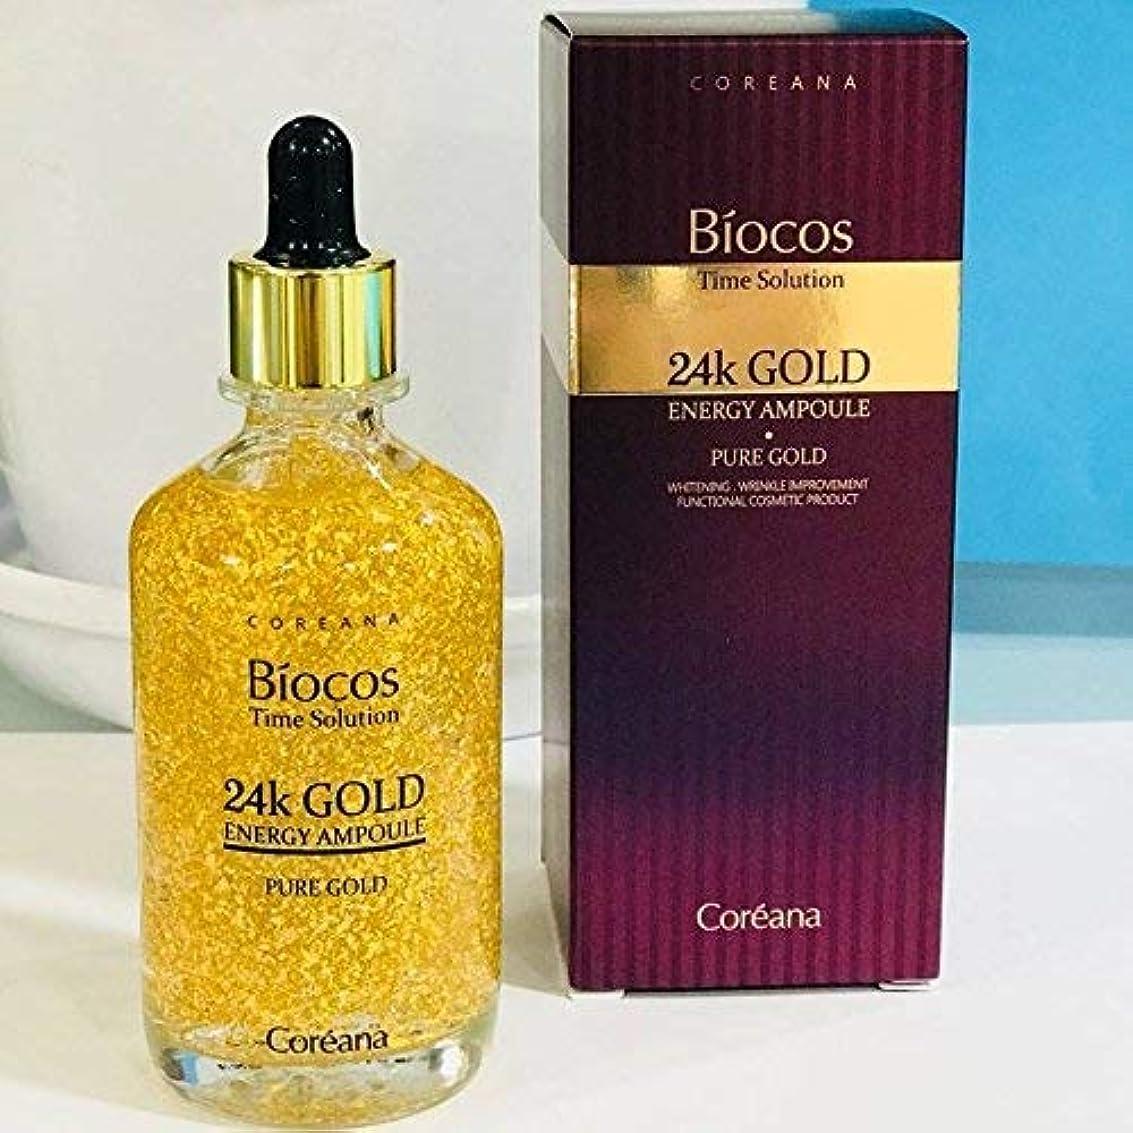 写真を撮る知恵リビジョン[COREANA] Biocos Time Solution 24kゴールドエナジーアンプル100ml)/[COREANA] Biocos Time Solution 24K Gold Energy Ampoule